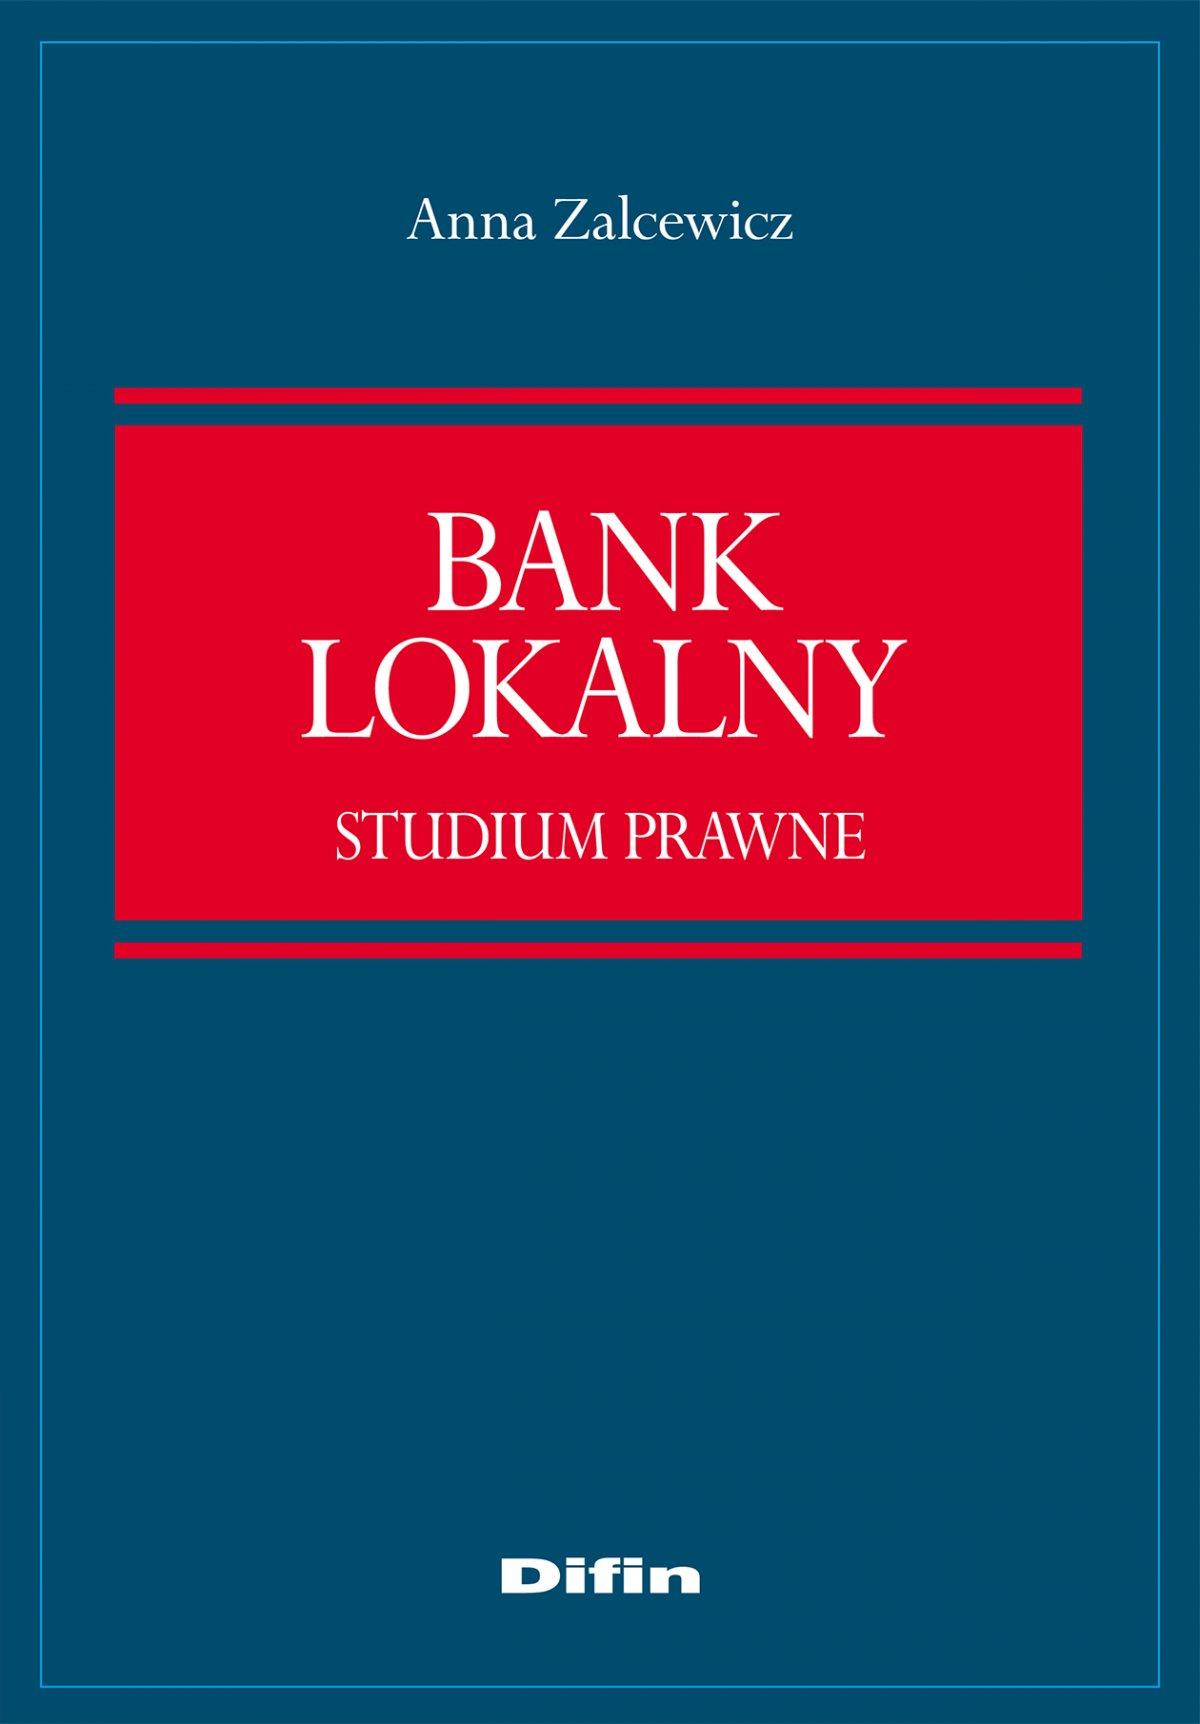 Bank lokalny. Studium prawne - Ebook (Książka na Kindle) do pobrania w formacie MOBI